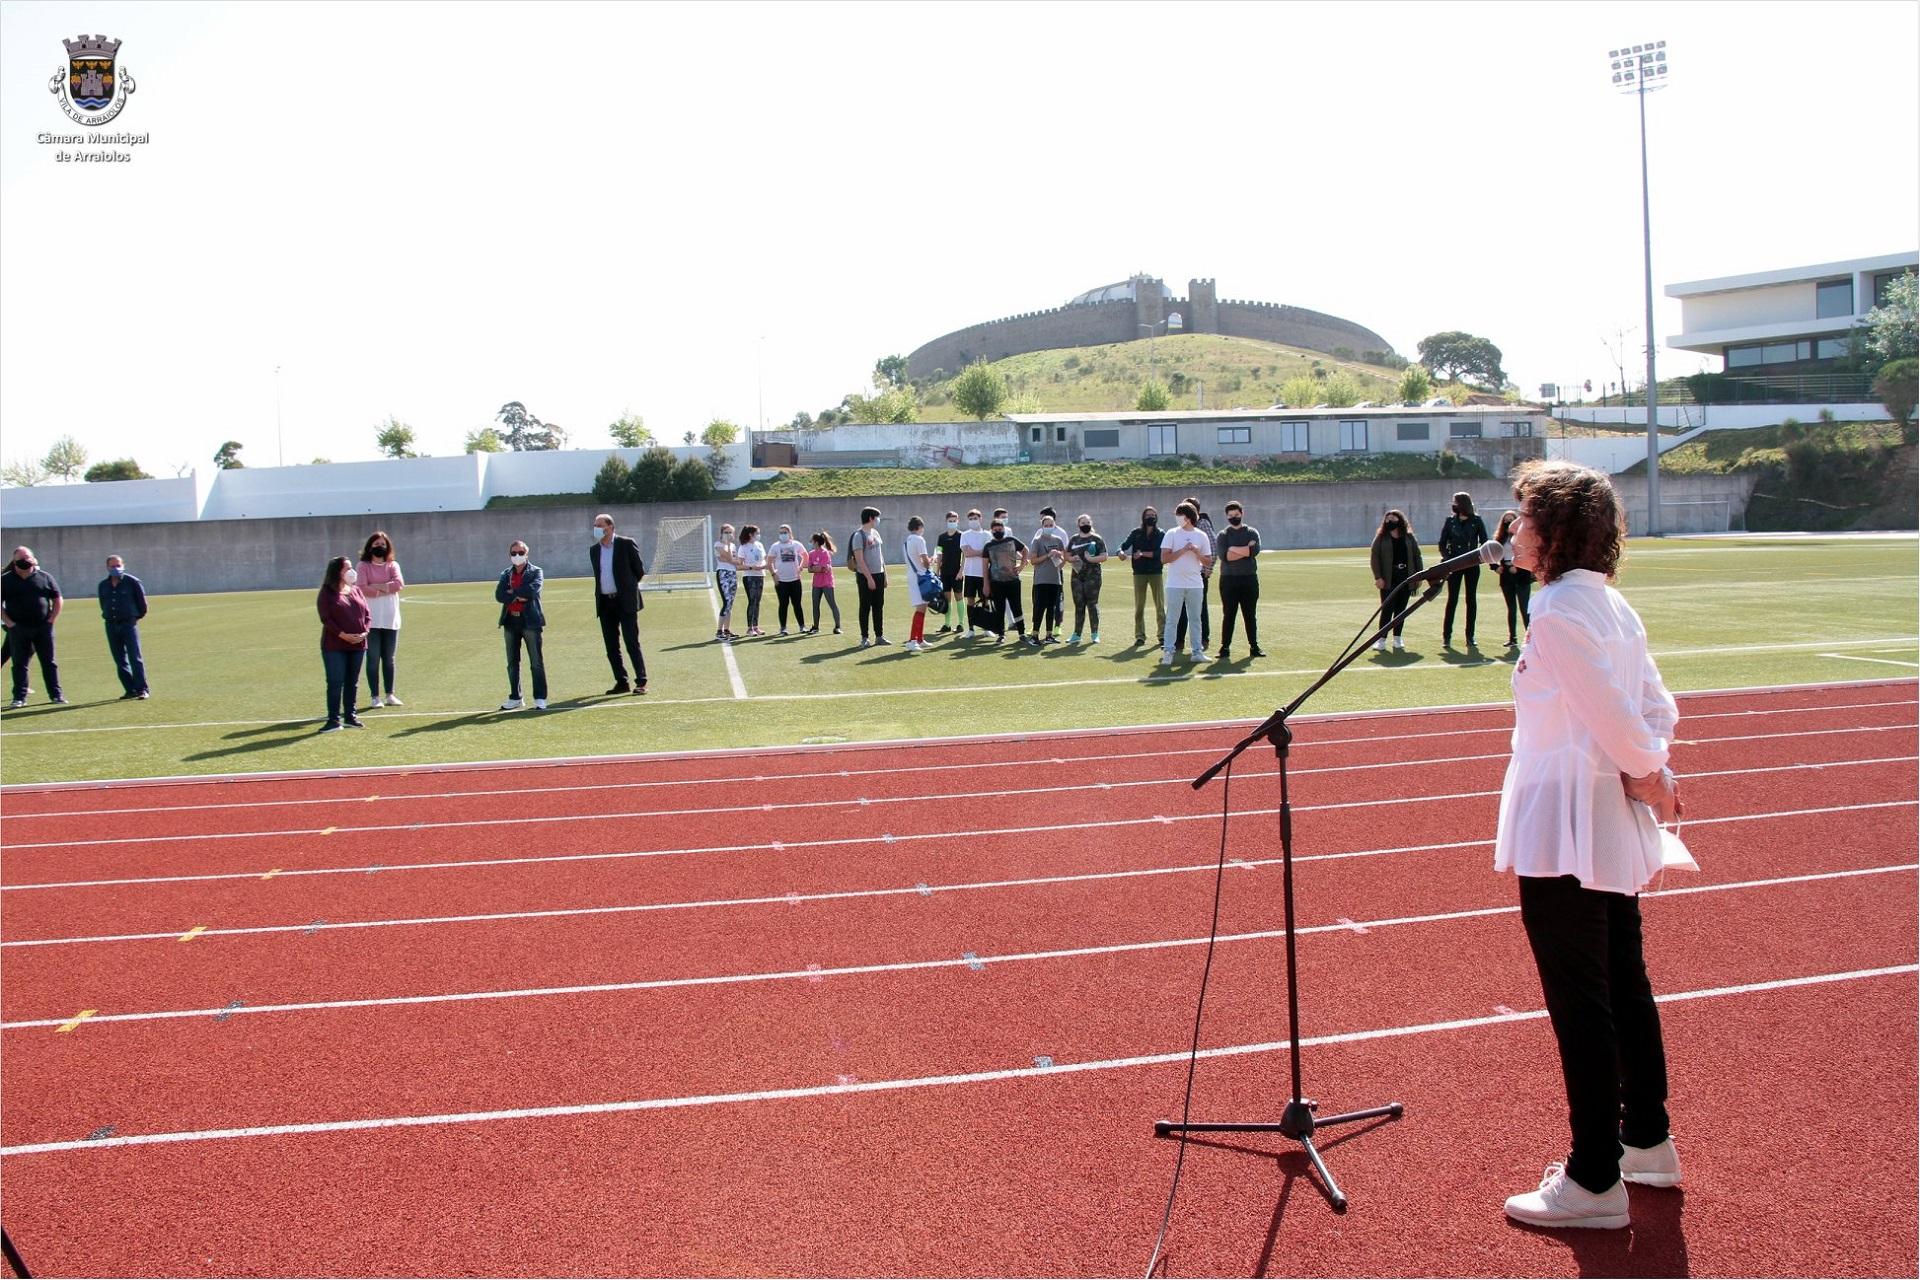 Pista de atletismo - Estádio Municipal Cunha Rivara